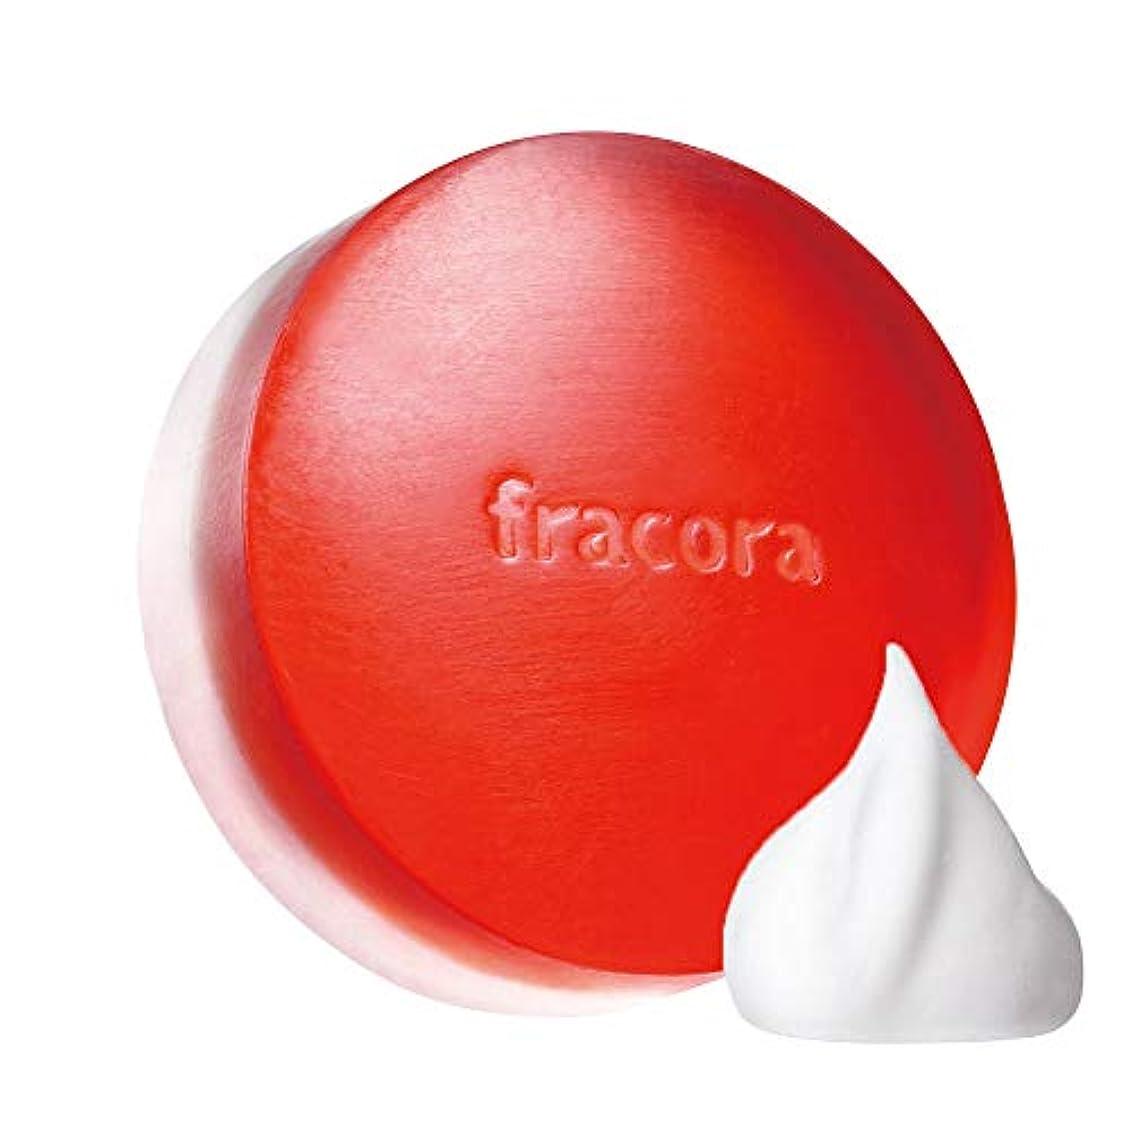 エリートボトル形容詞fracora(フラコラ) モイスト&エナジーソープ 80g